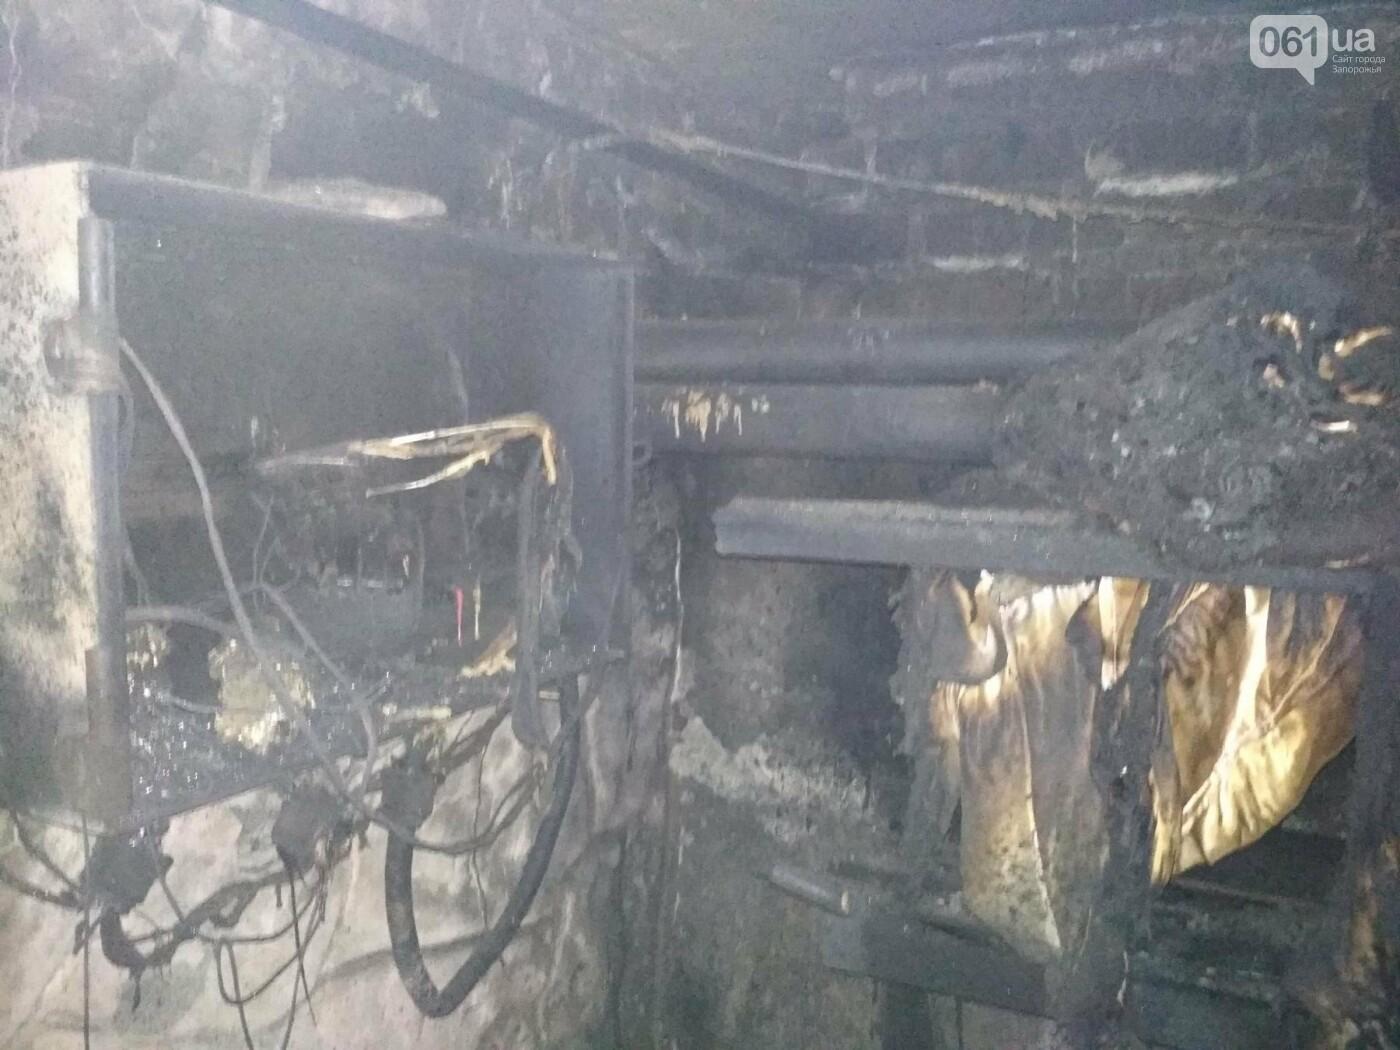 В Приморске загорелся частный дом - владелец в больнице, - ФОТО, фото-1